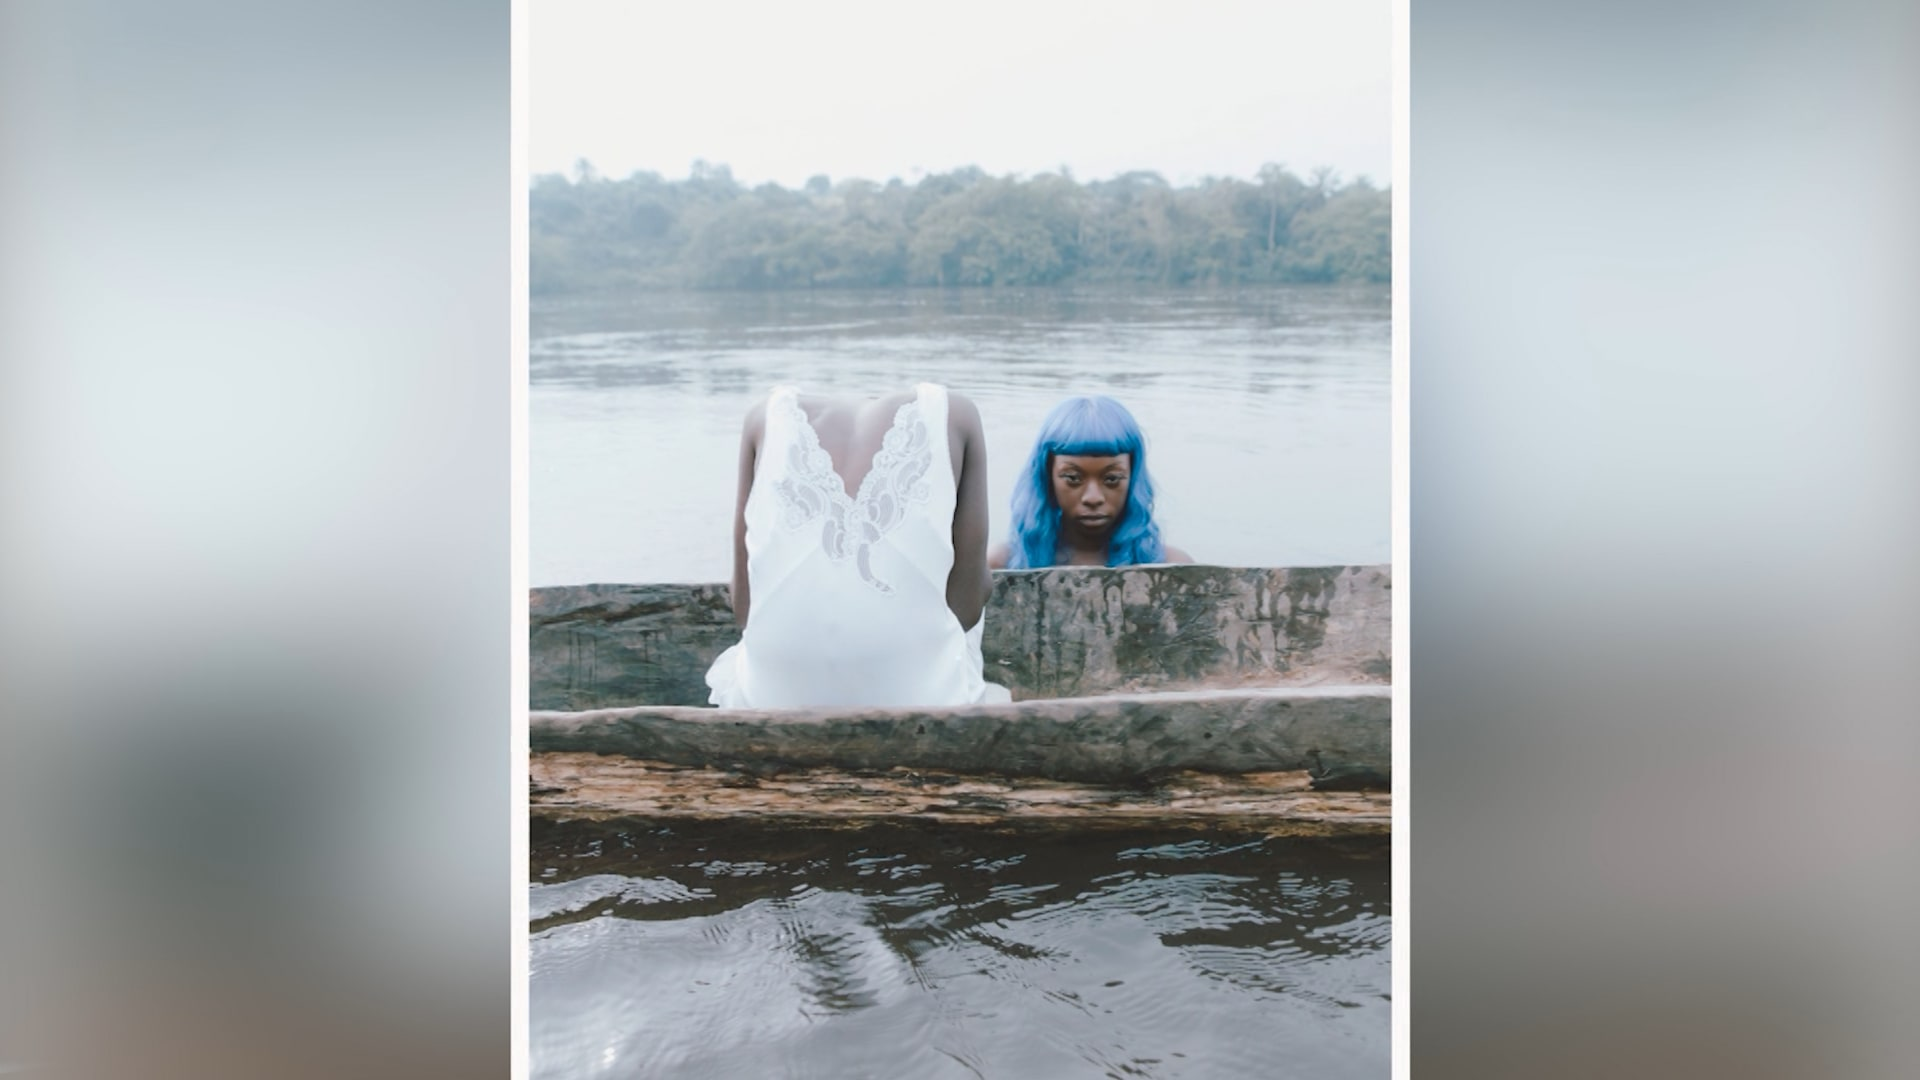 بصور أخّاذة.. هكذا يدفع هؤلاء المصورون الحدود البصرية